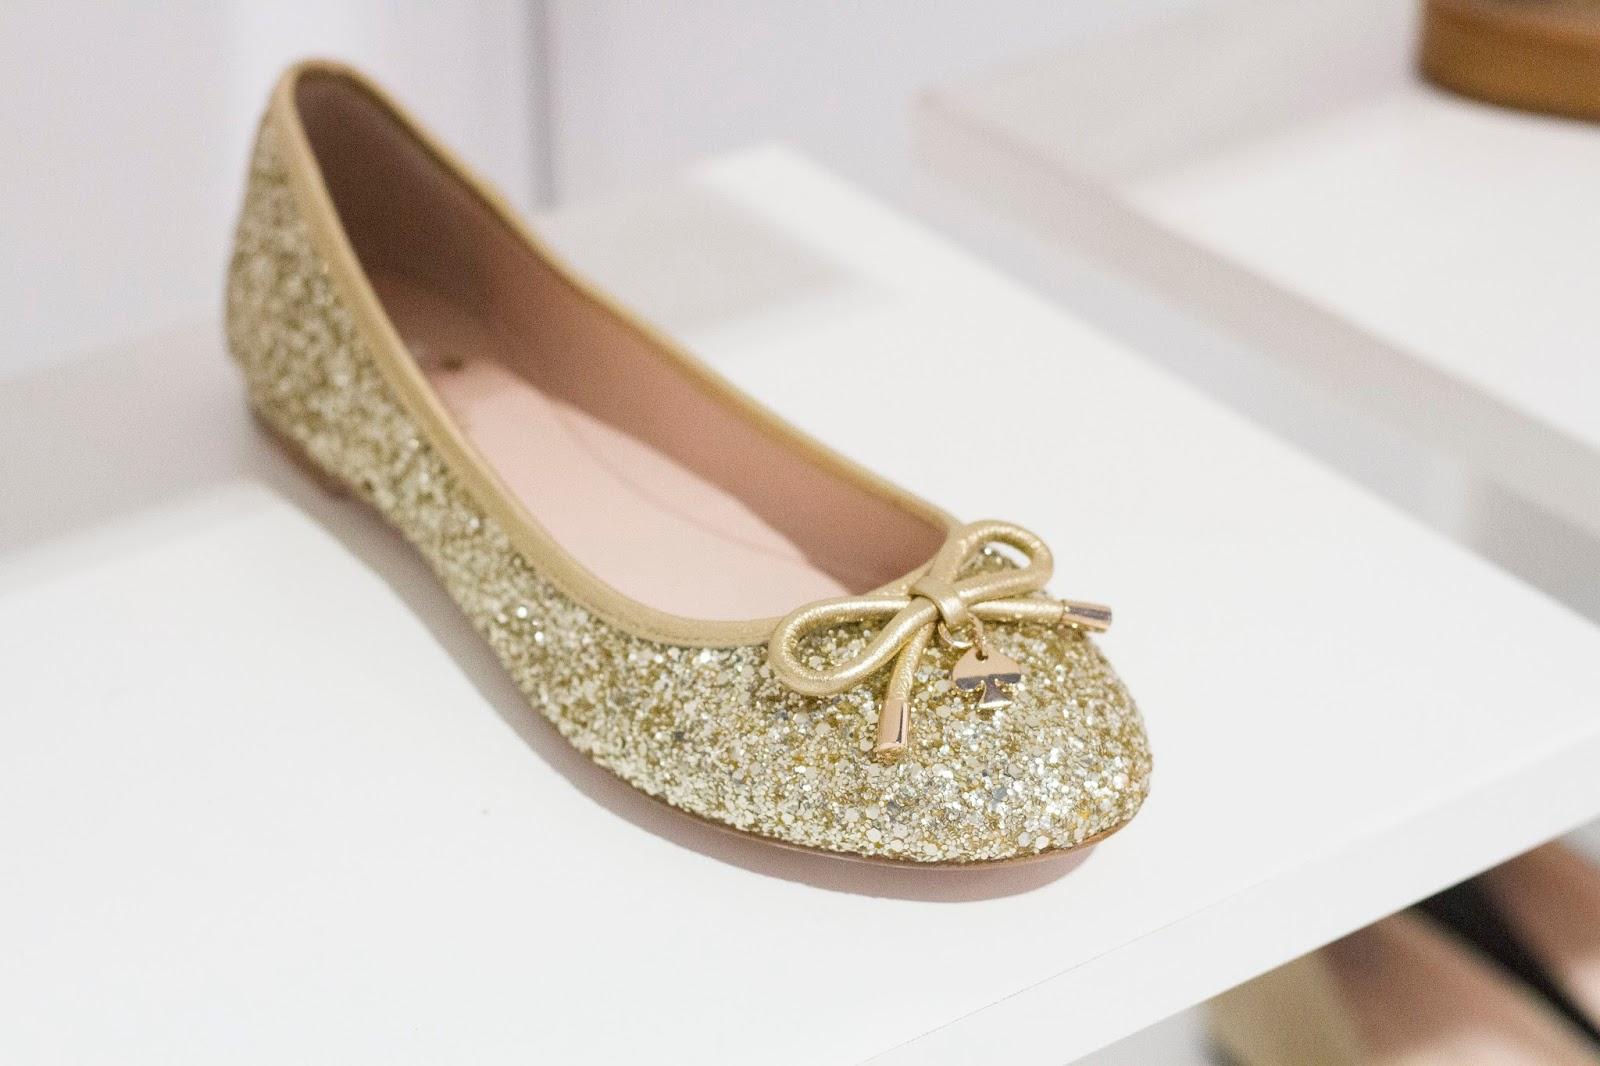 kate spade new york fall 2015 shoe collection fn platform glitter ballet flats